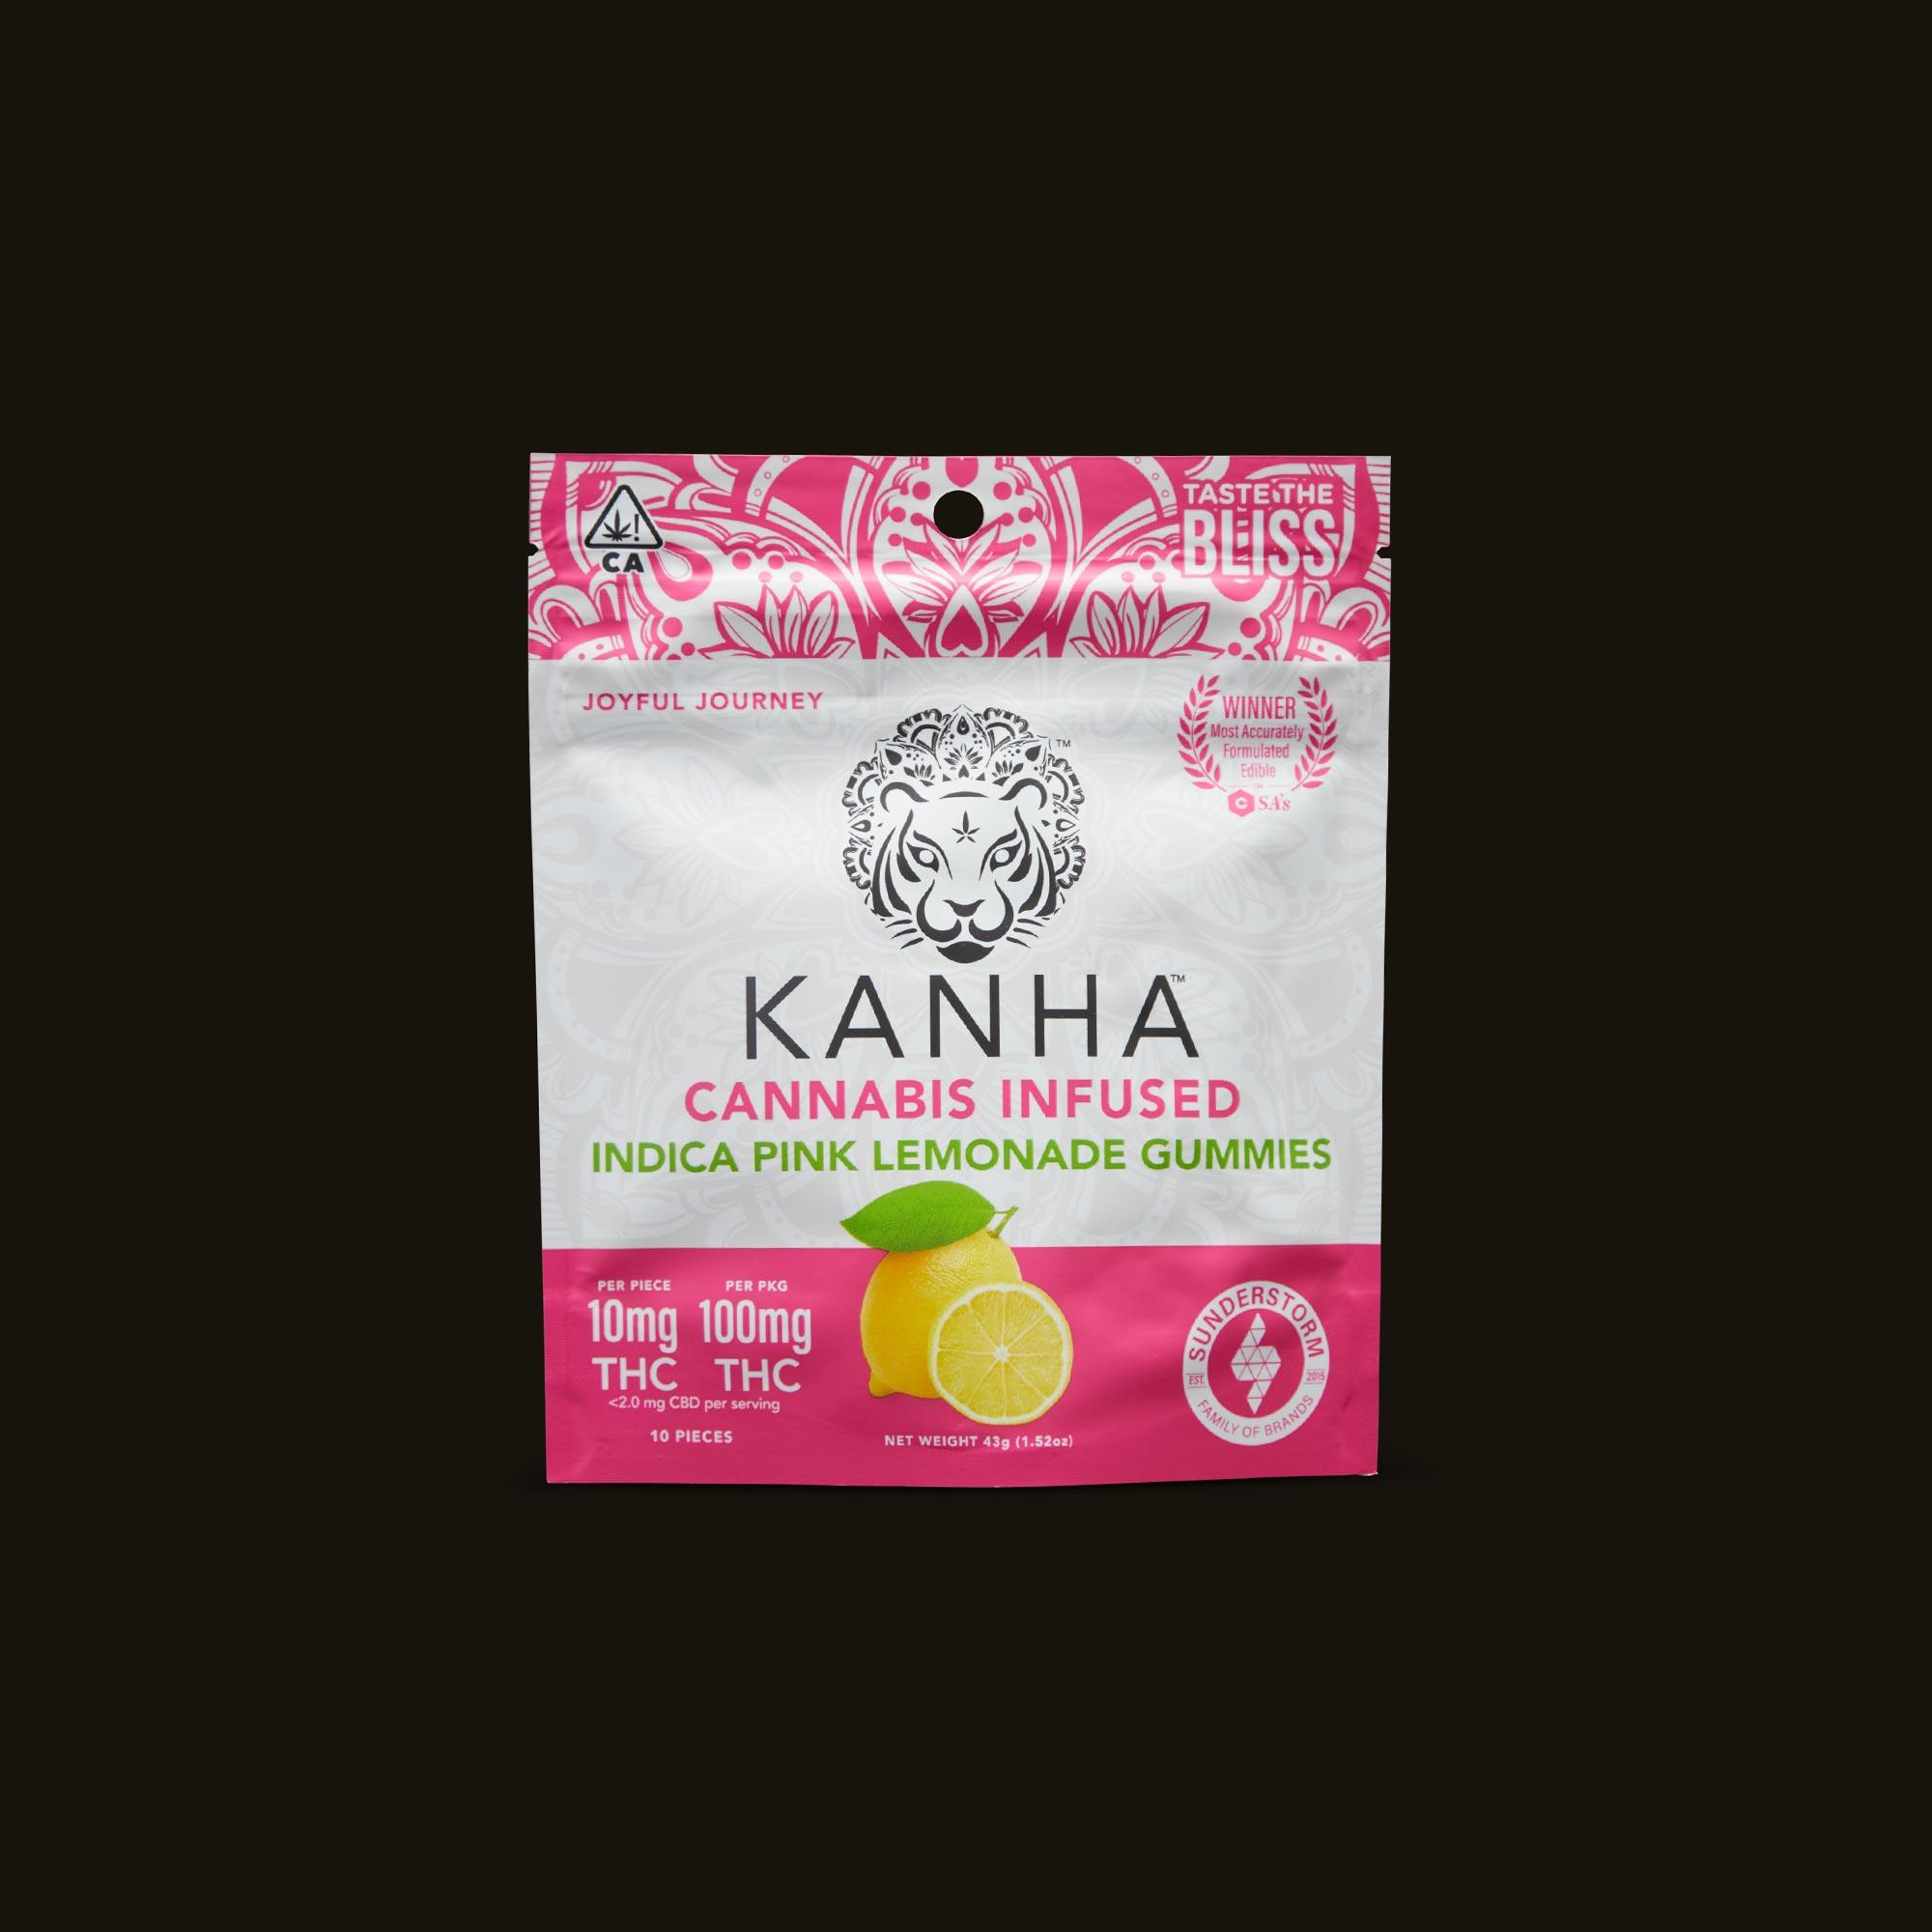 Kanha Pink Lemonade Gummies Front Packaging